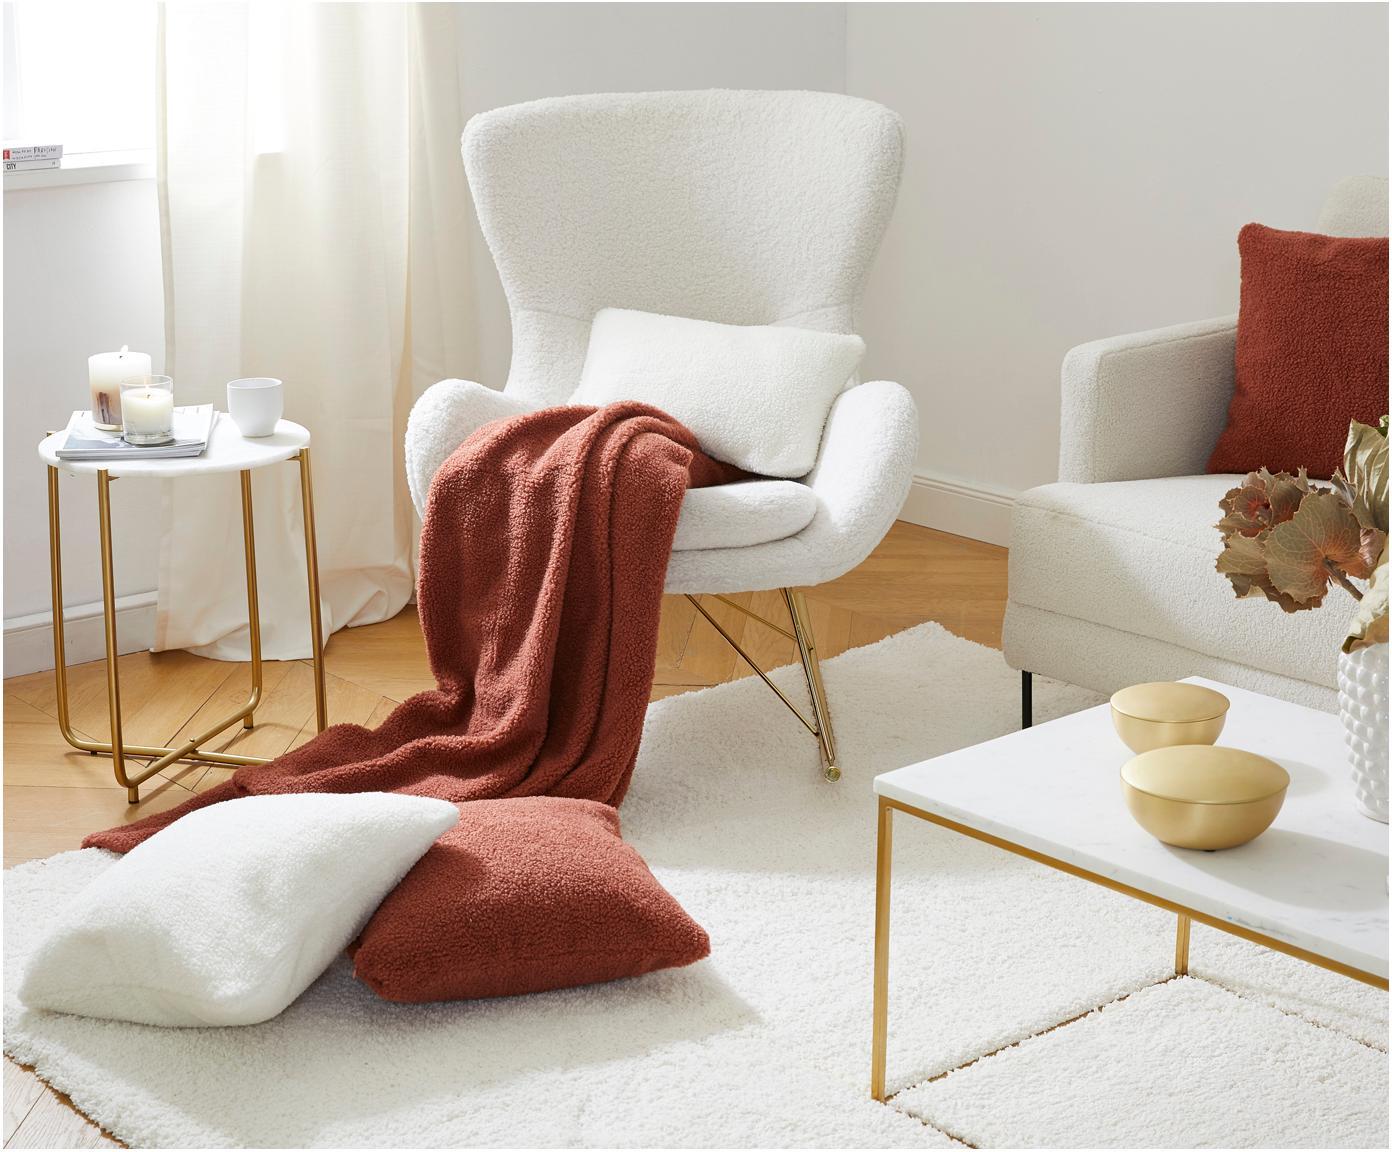 Fotel bujany  Teddy Wing, Tapicerka: poliester (futro Teddy), Stelaż: metal galwanizowany, Kremowobiały, S 77 x G 96 cm